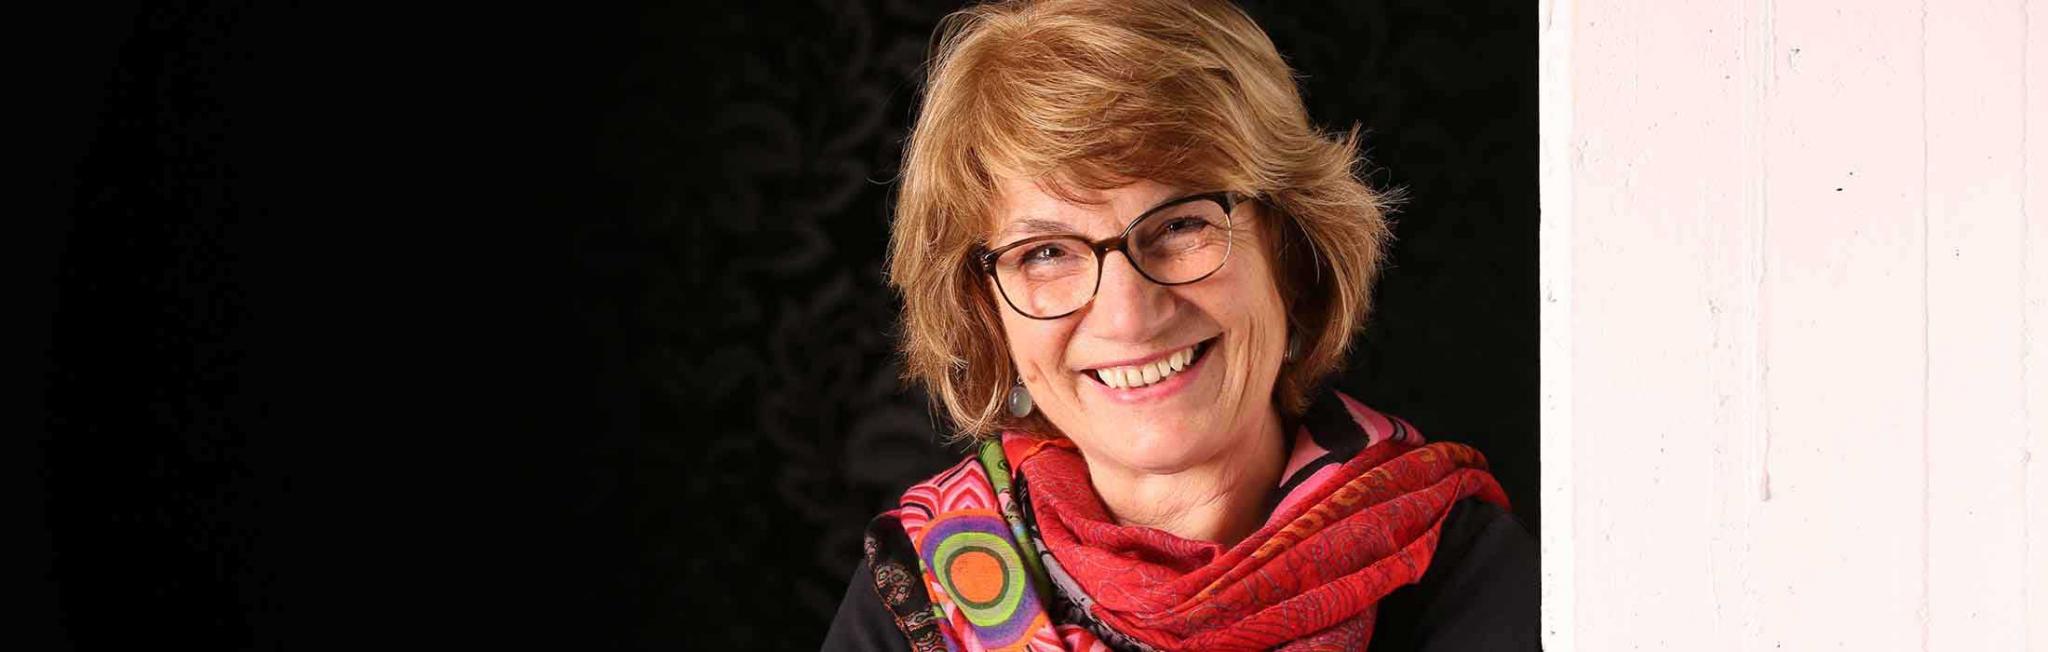 Beratung und Coaching, Konstanze Quirmbach